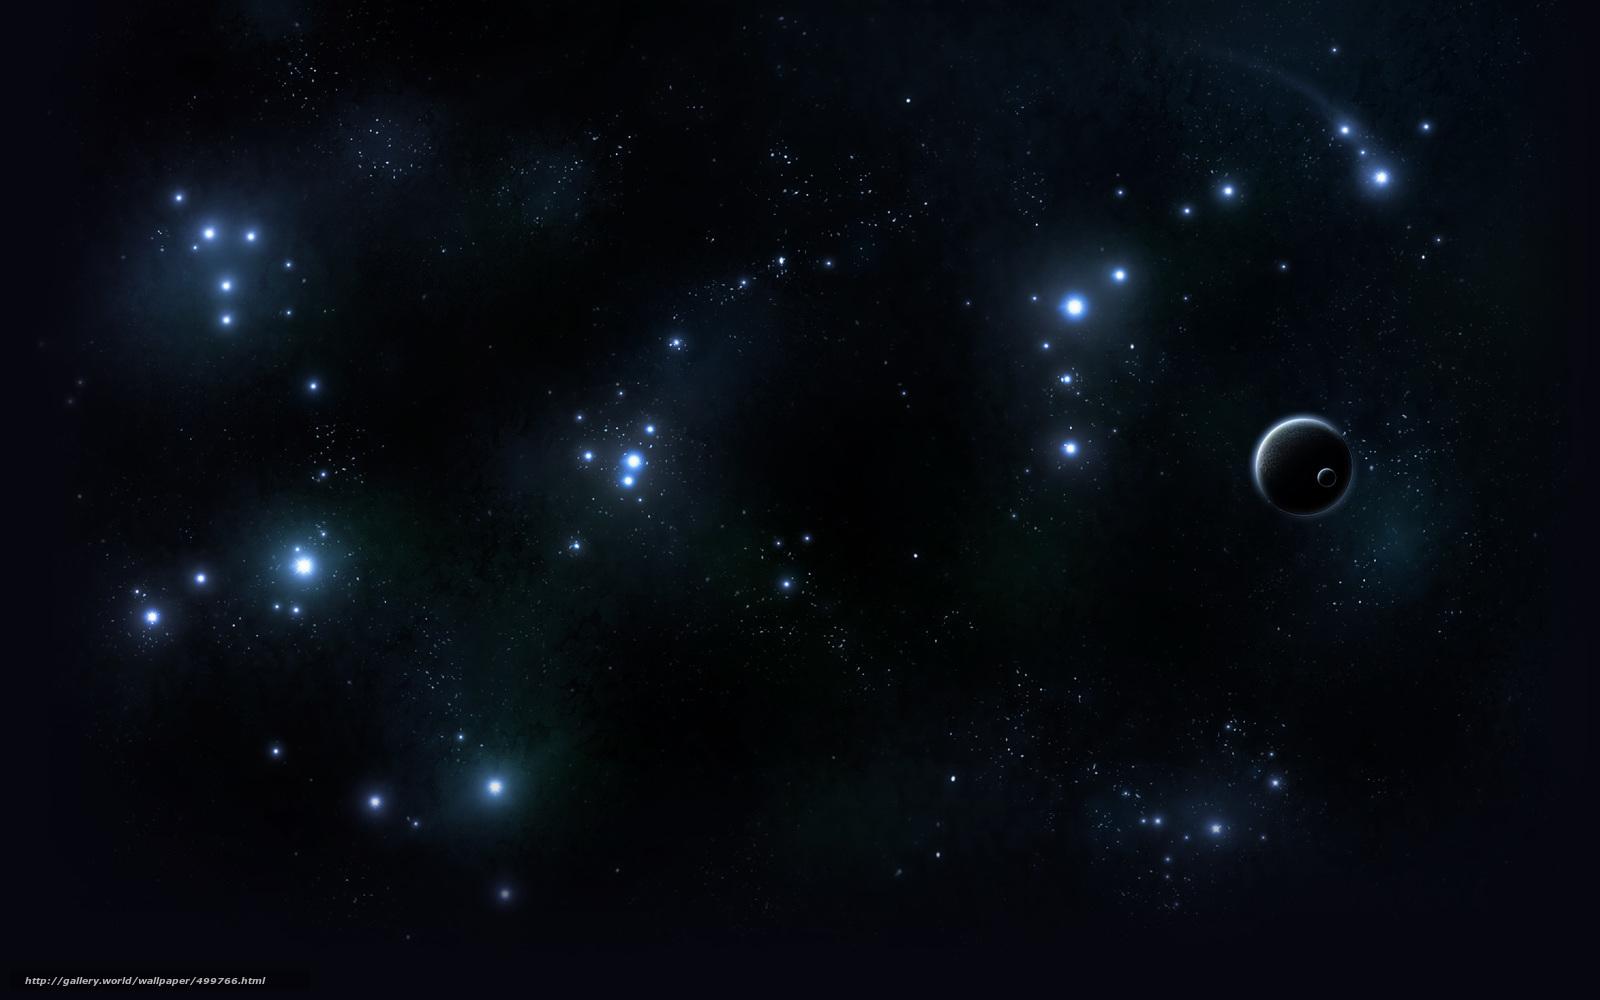 Tlcharger Fond D Ecran Espace Noir Terre Lune Fonds D